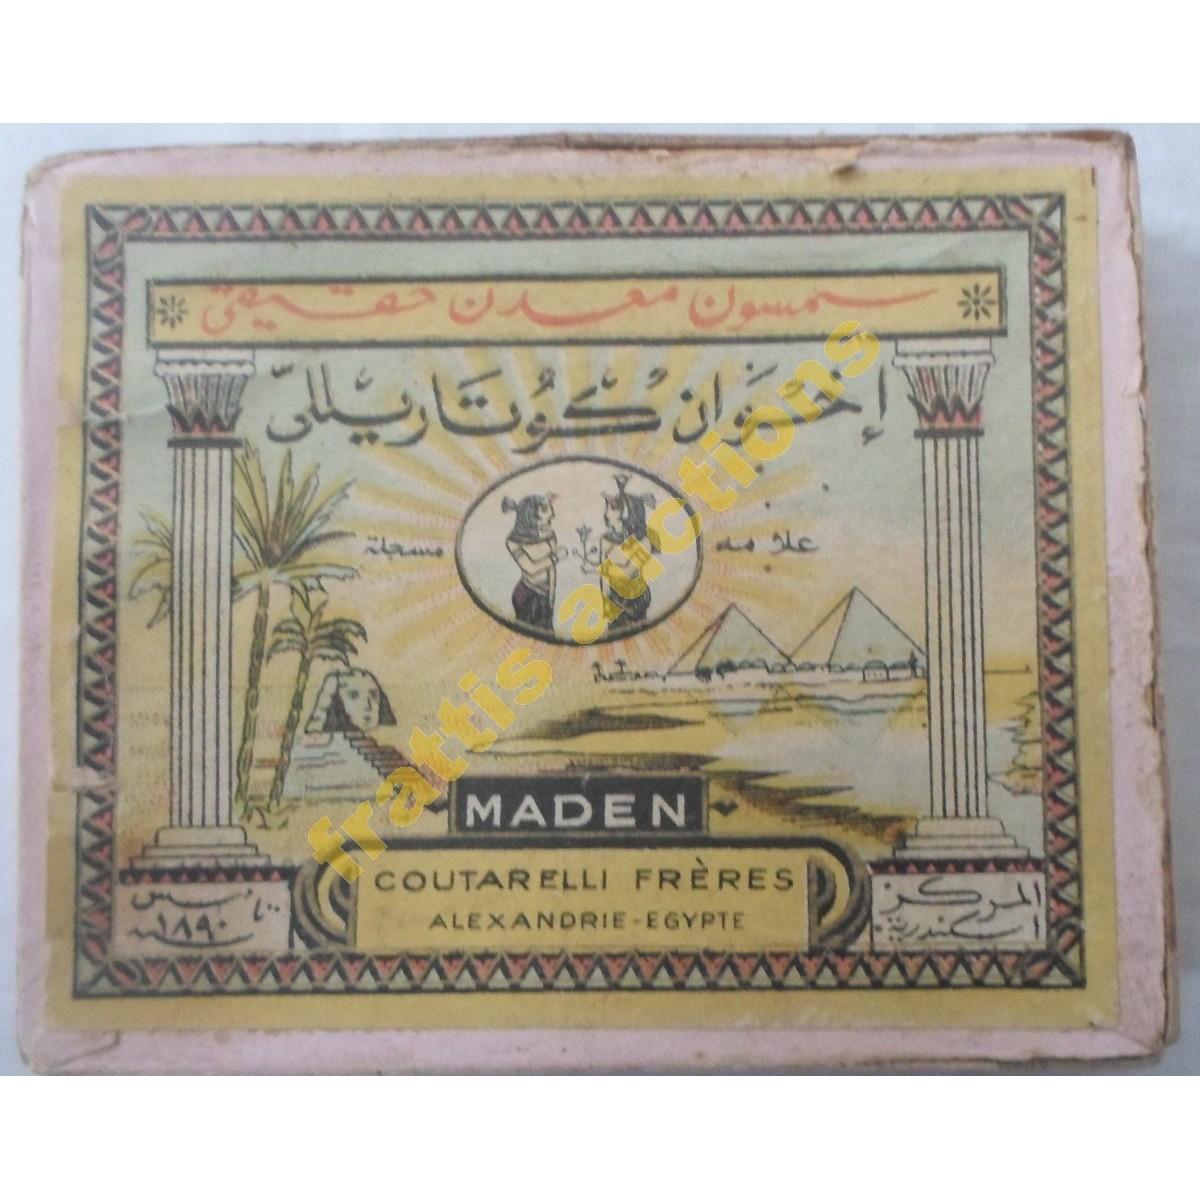 """Σιγαρέττα """" MADEN """"/ Coutarelli Brothers Egypt."""